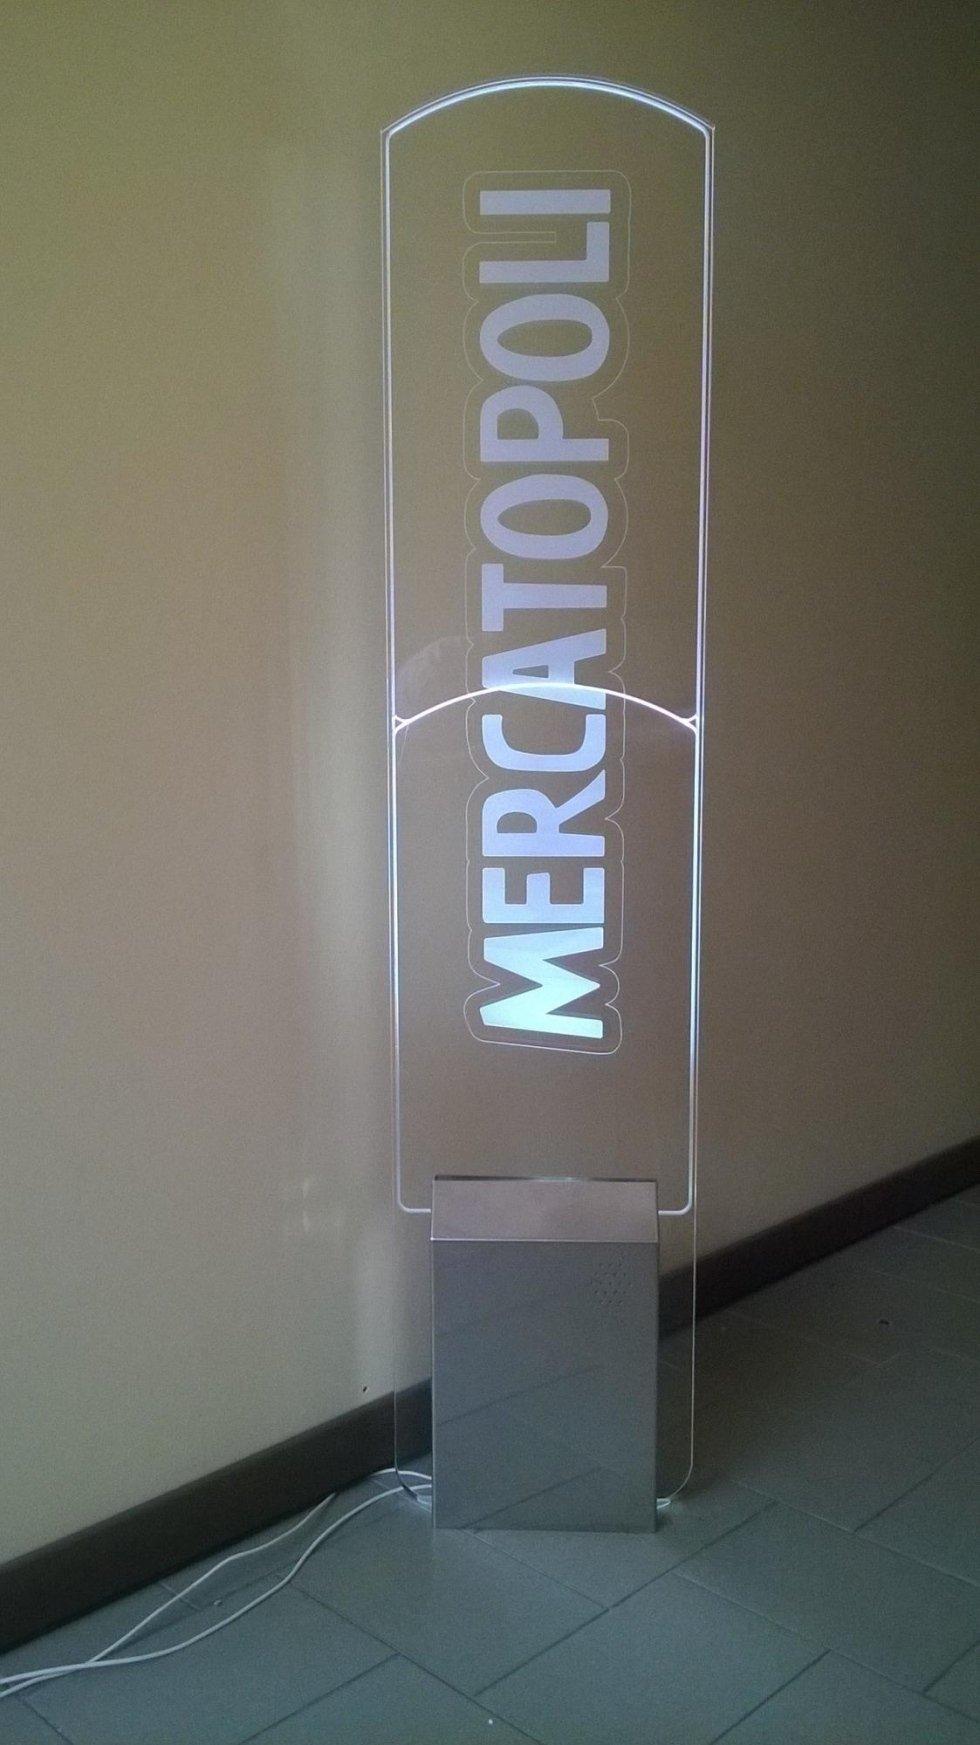 Una barriera antitaccheggio con scritto Mercatopoli